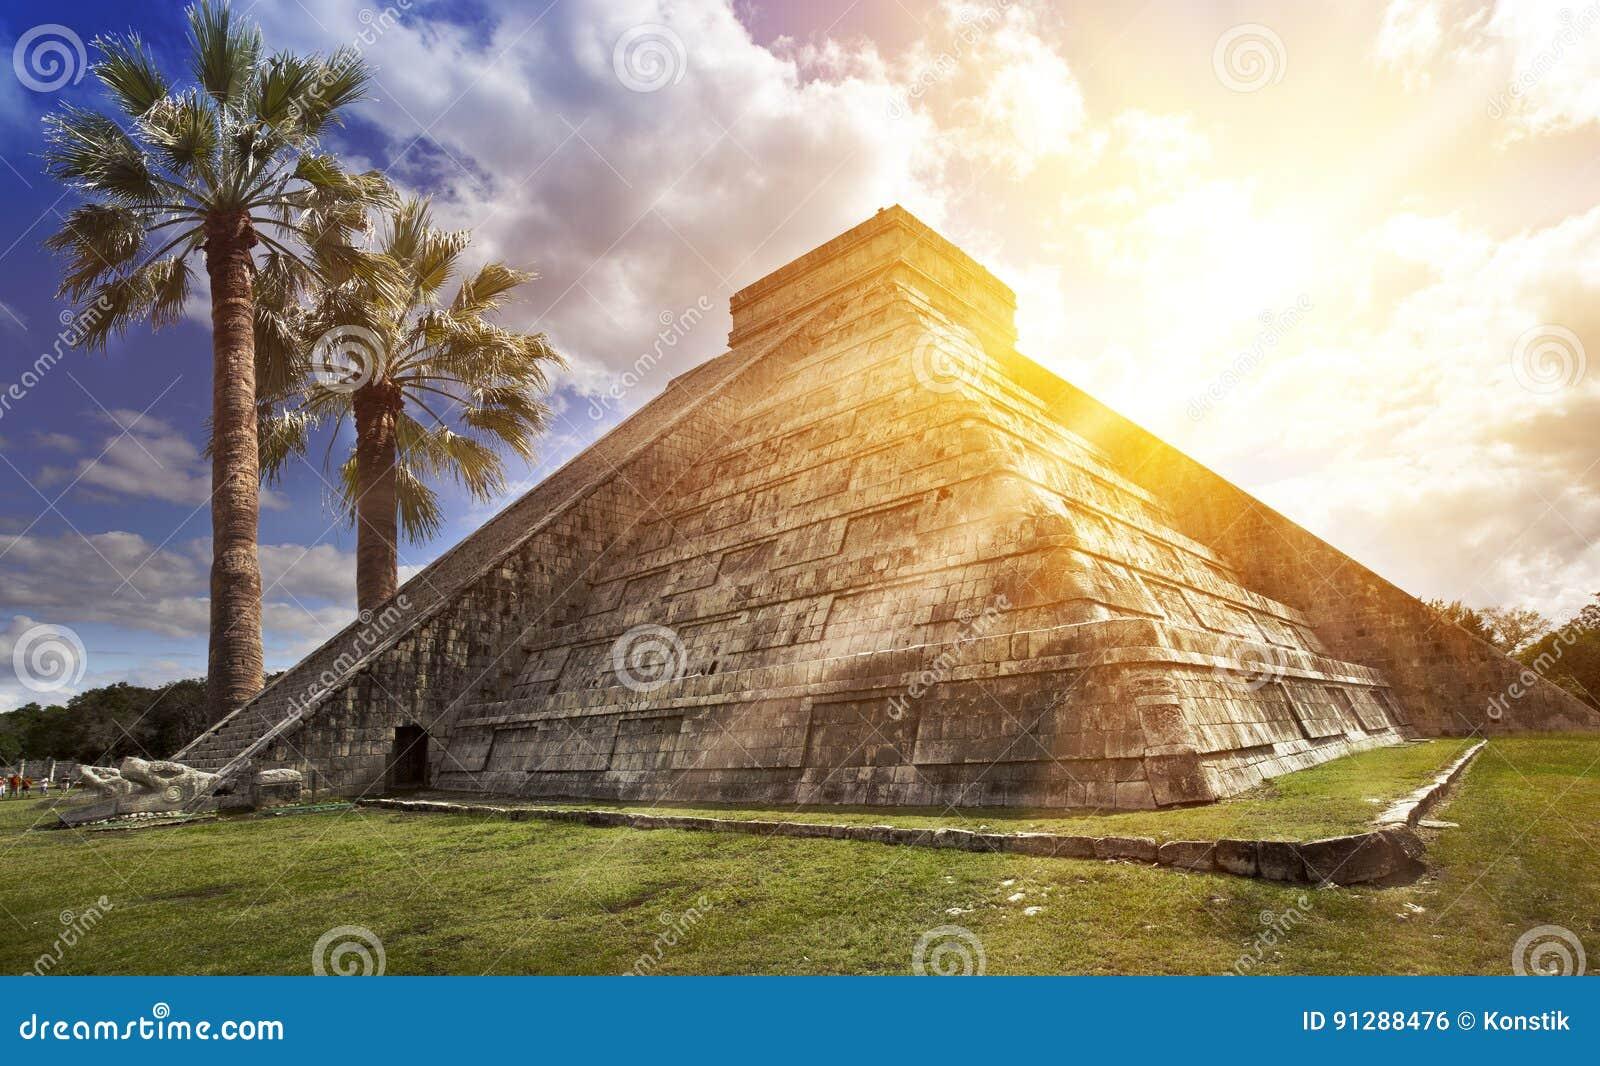 Pirâmide famosa de El Castillo o templo de Kukulkan, pirâmide emplumada da serpente no local arqueológico do Maya de Chichen Itza